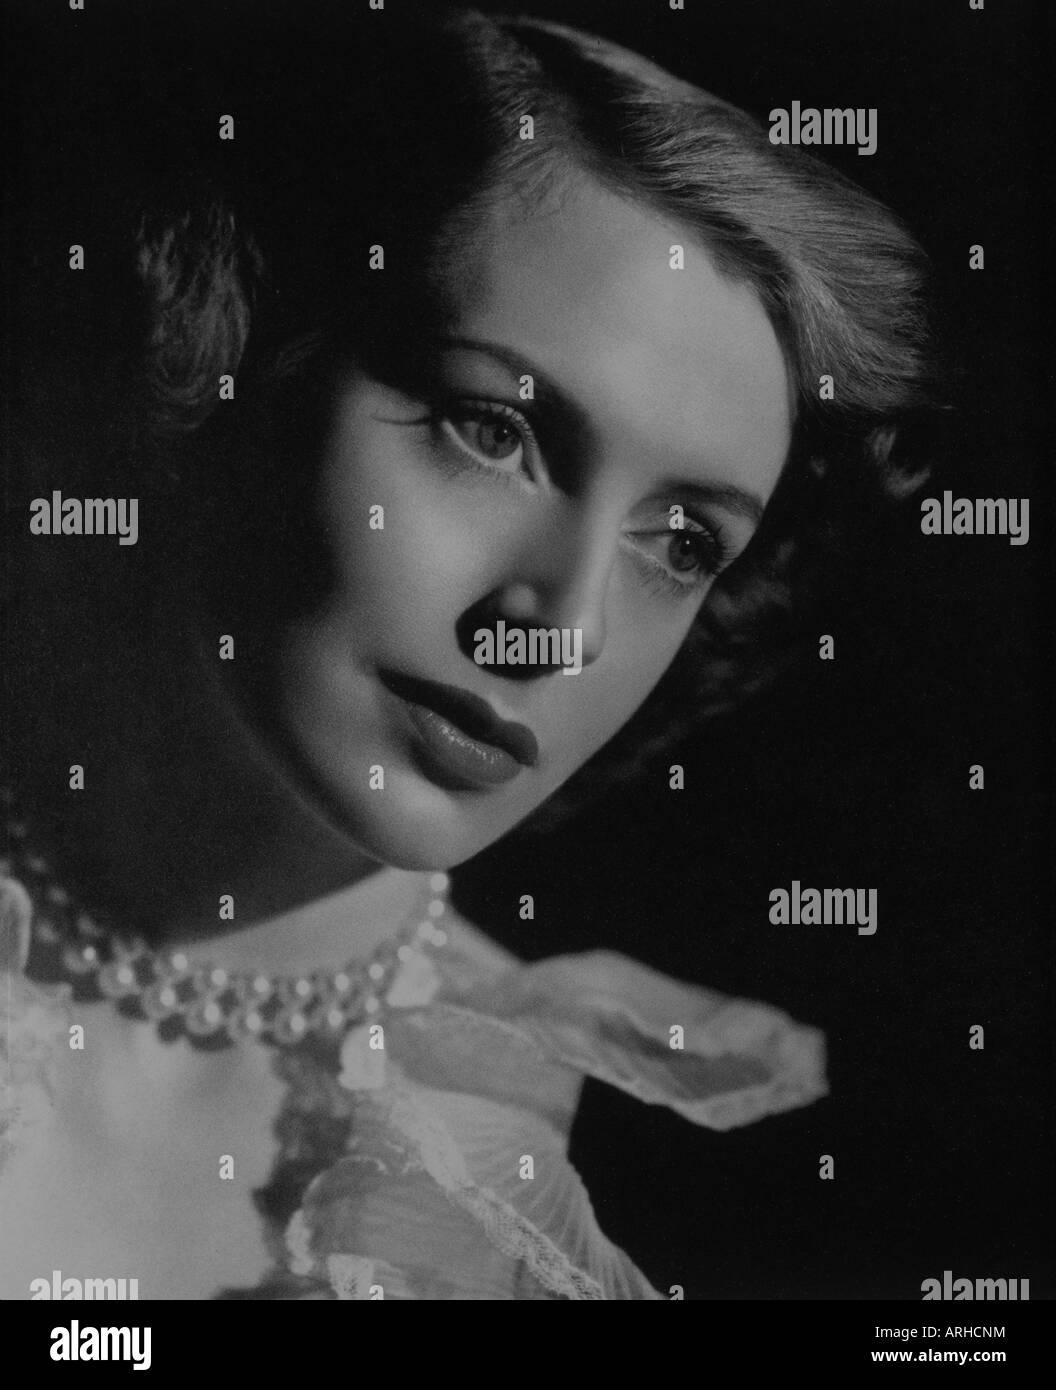 """""""Kerr, Deborah, 30.9.1921 - 16.10.2007, britische Schauspielerin, Portrait, 1948,""""Porträts des britischen Stockbild"""